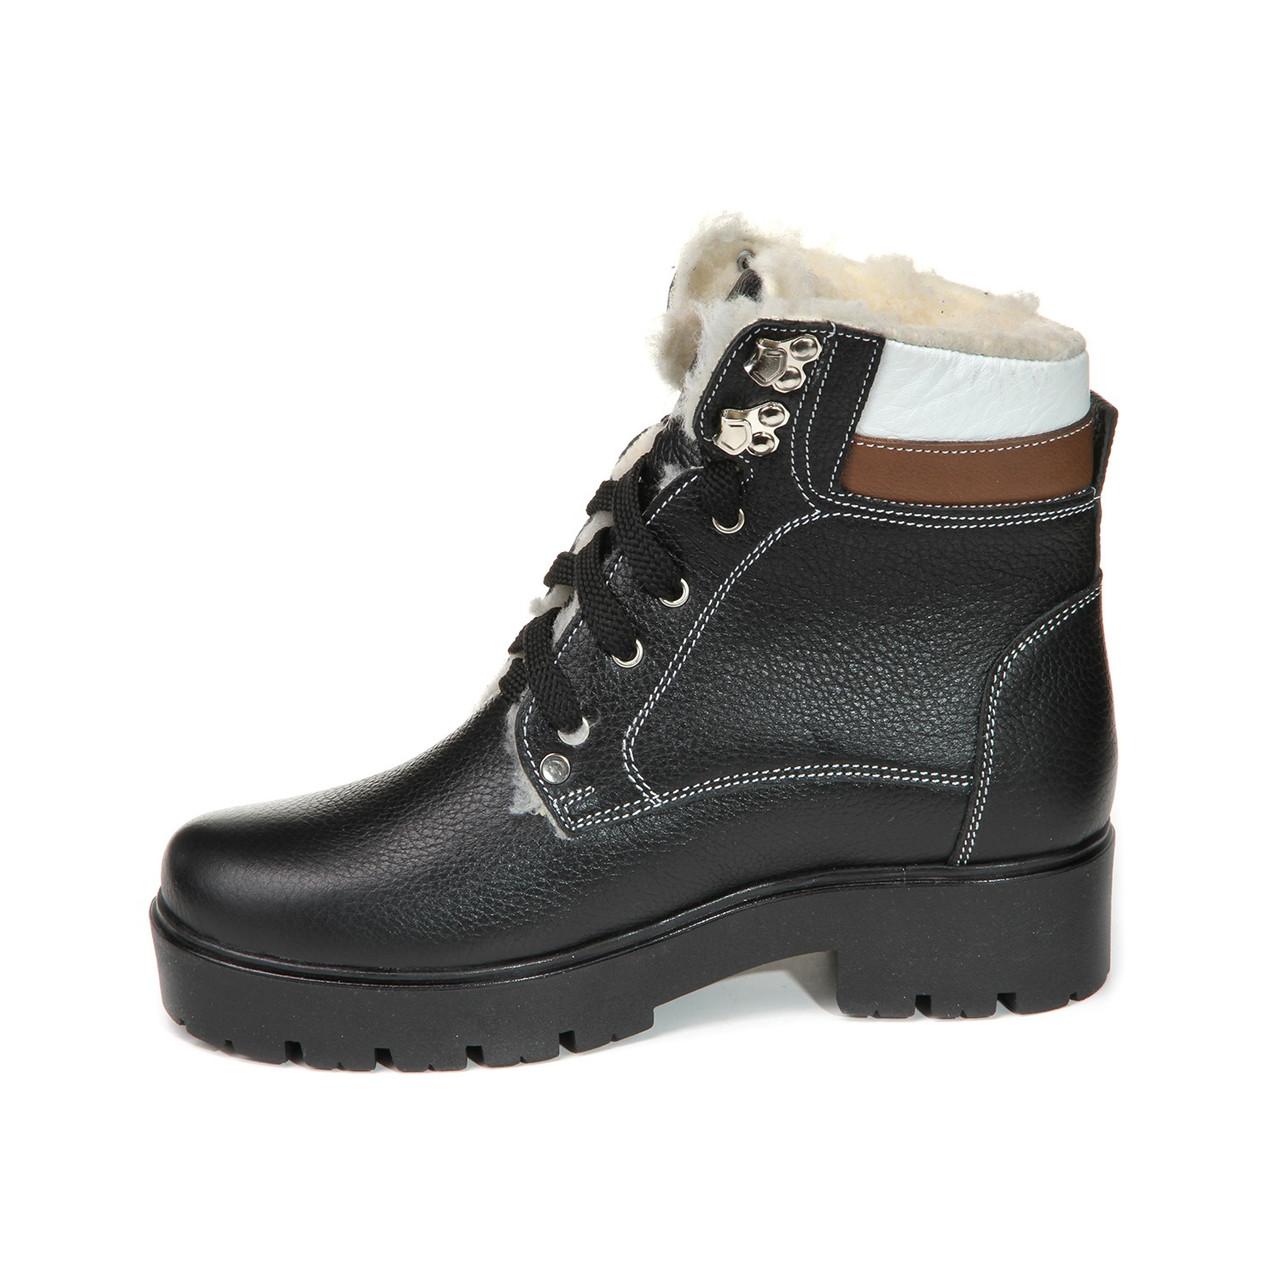 2b0e5013 Теплые женские ботинки на зиму , выбрать из Ботинок женских ...